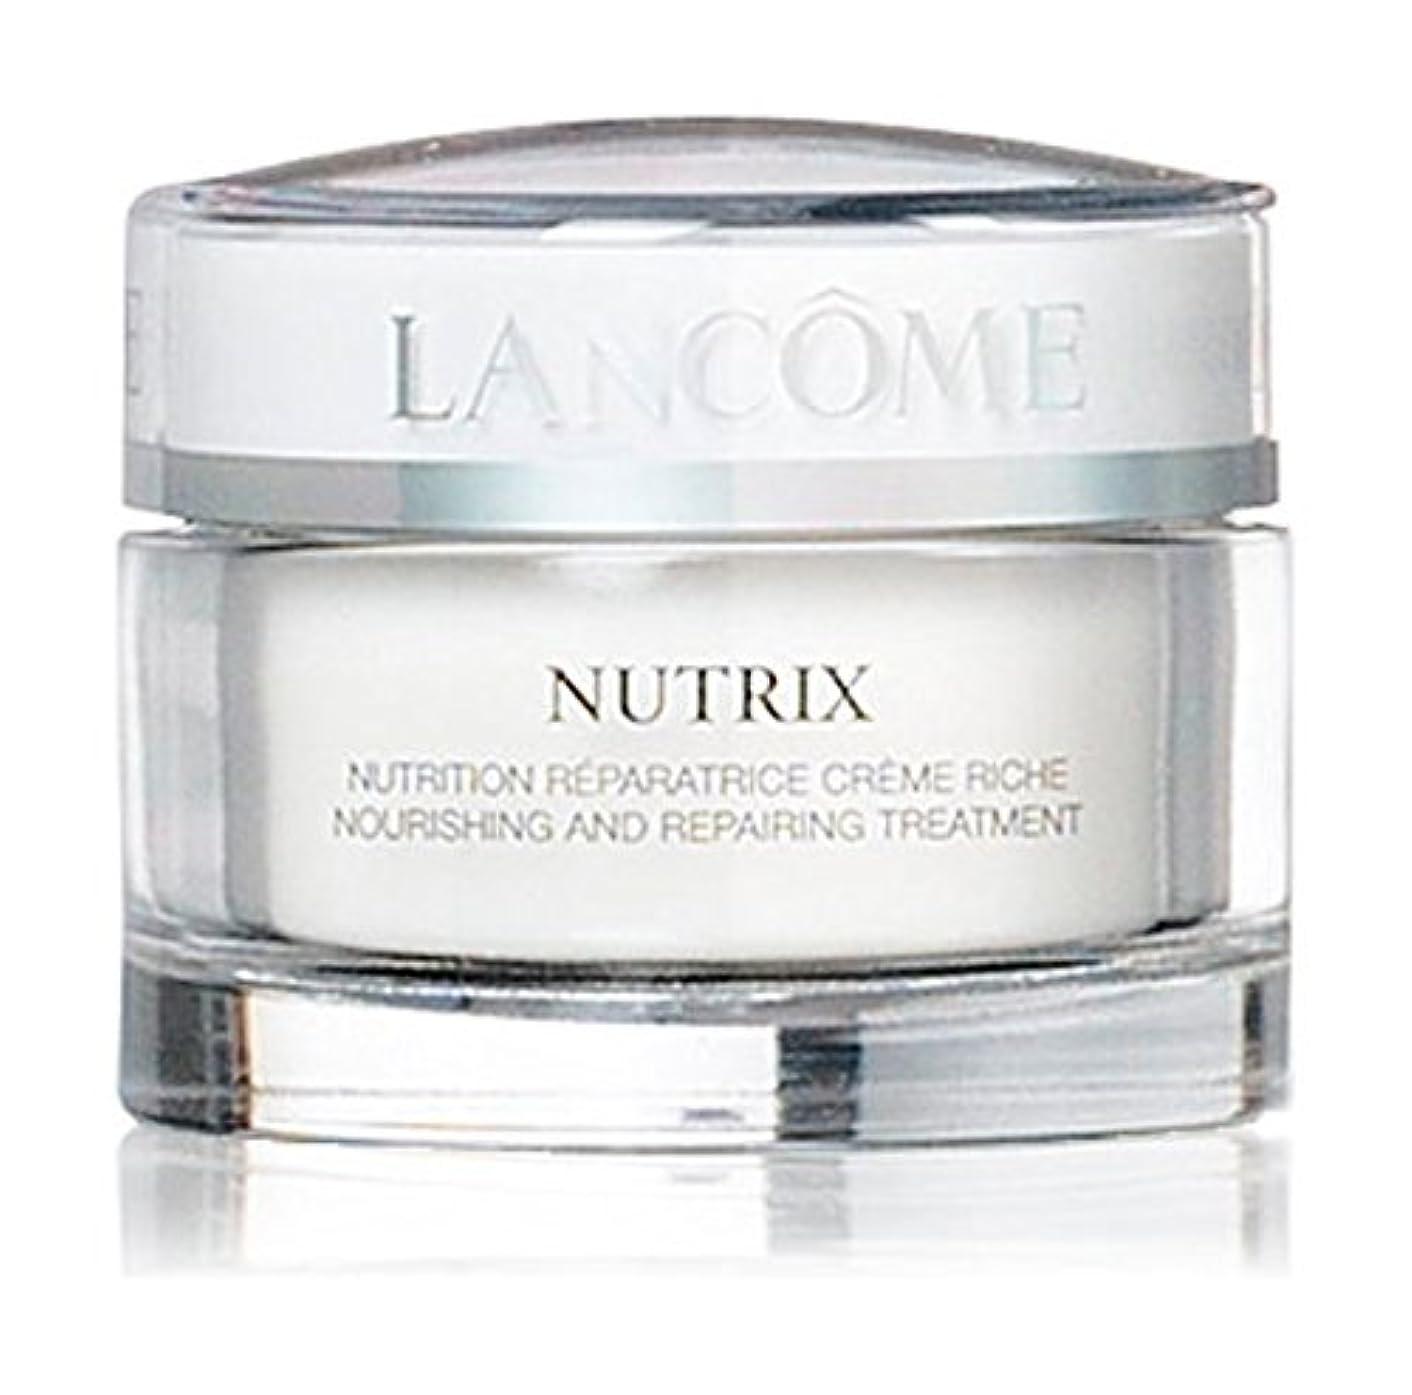 テーブルを設定する通訳乏しいランコム Nutrix Nourishing And Repairing Treatment Rich Cream - For Very Dry, Sensitive Or Irritated Skin 50ml/1.7oz...